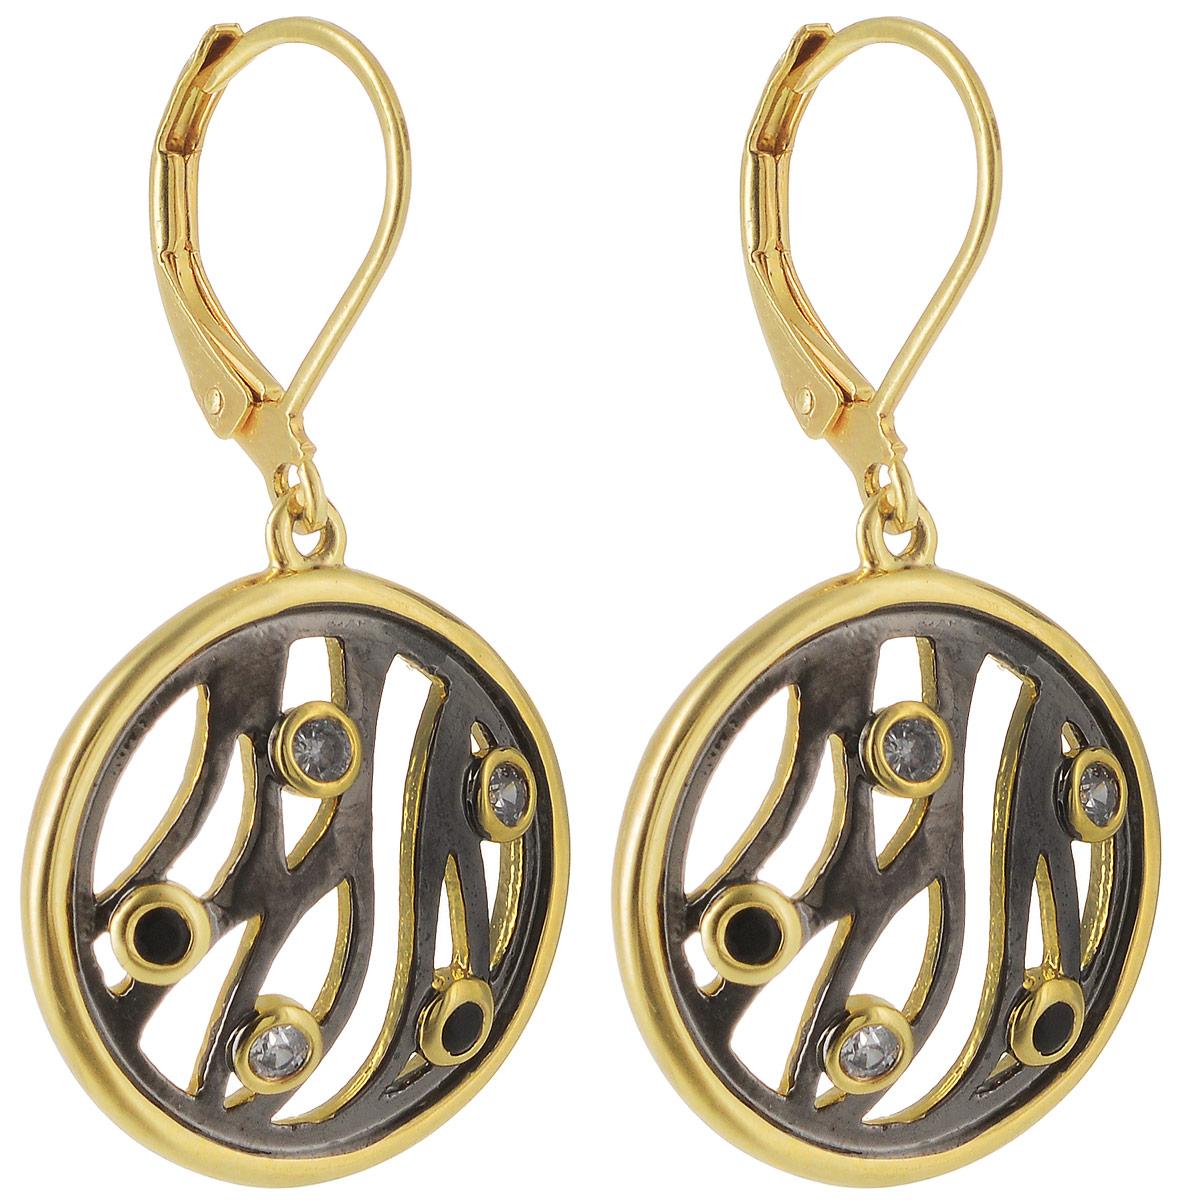 Серьги Taya, цвет: золотистый, черный. T-B-4981Серьги с подвескамиЭлегантные серьги с замком скобой. Оформлены сережки круглыми пластинами с вкраплениями из страз.